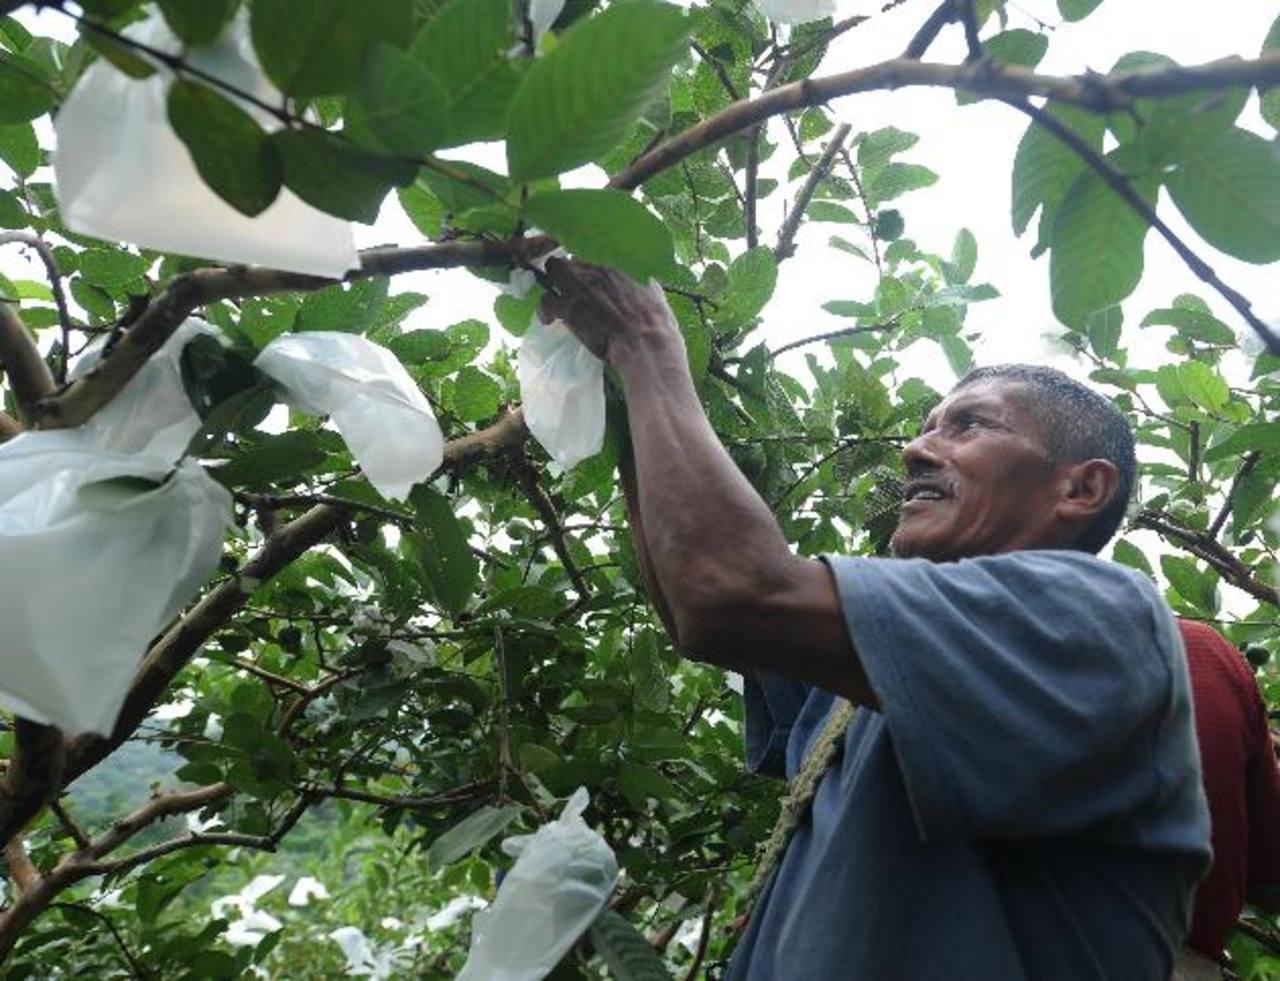 Con el programa Tierra Fértil, Walmart México y Centroamérica ha logrado generar más empleos agrícolas. Este agricultor cubre cada una de las guayabas para lograr un mejor rendimiento de la cosecha. edh /marlon Hernández